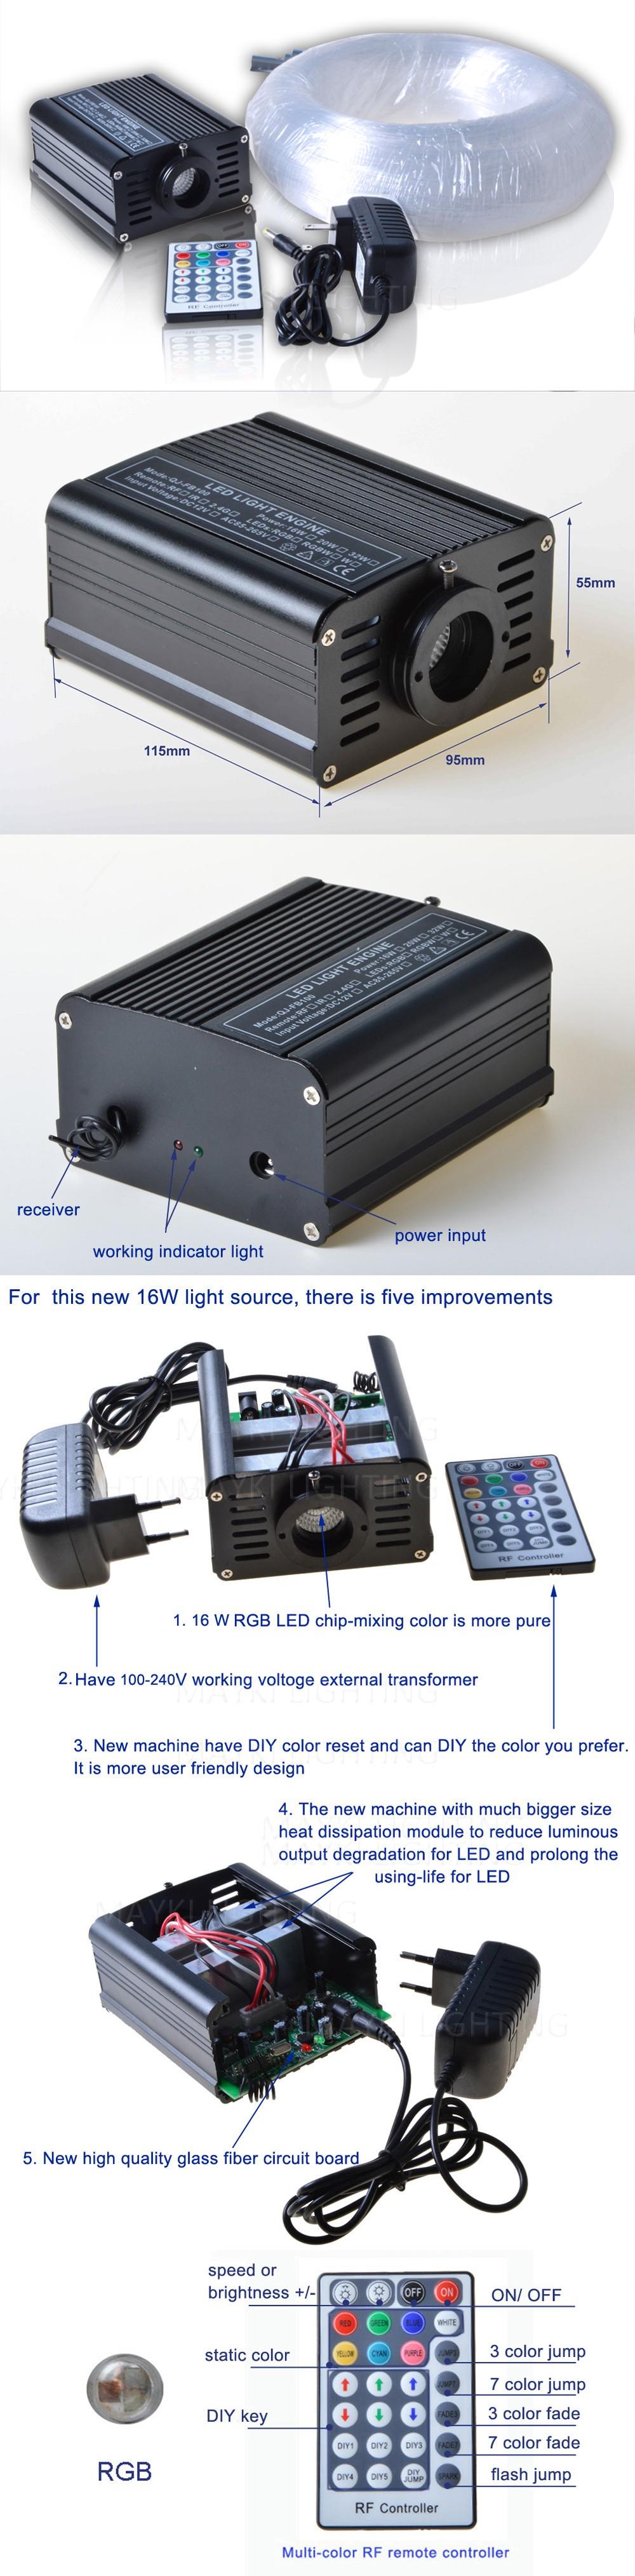 MK-L16W-2 fiber optic star ceiling kit